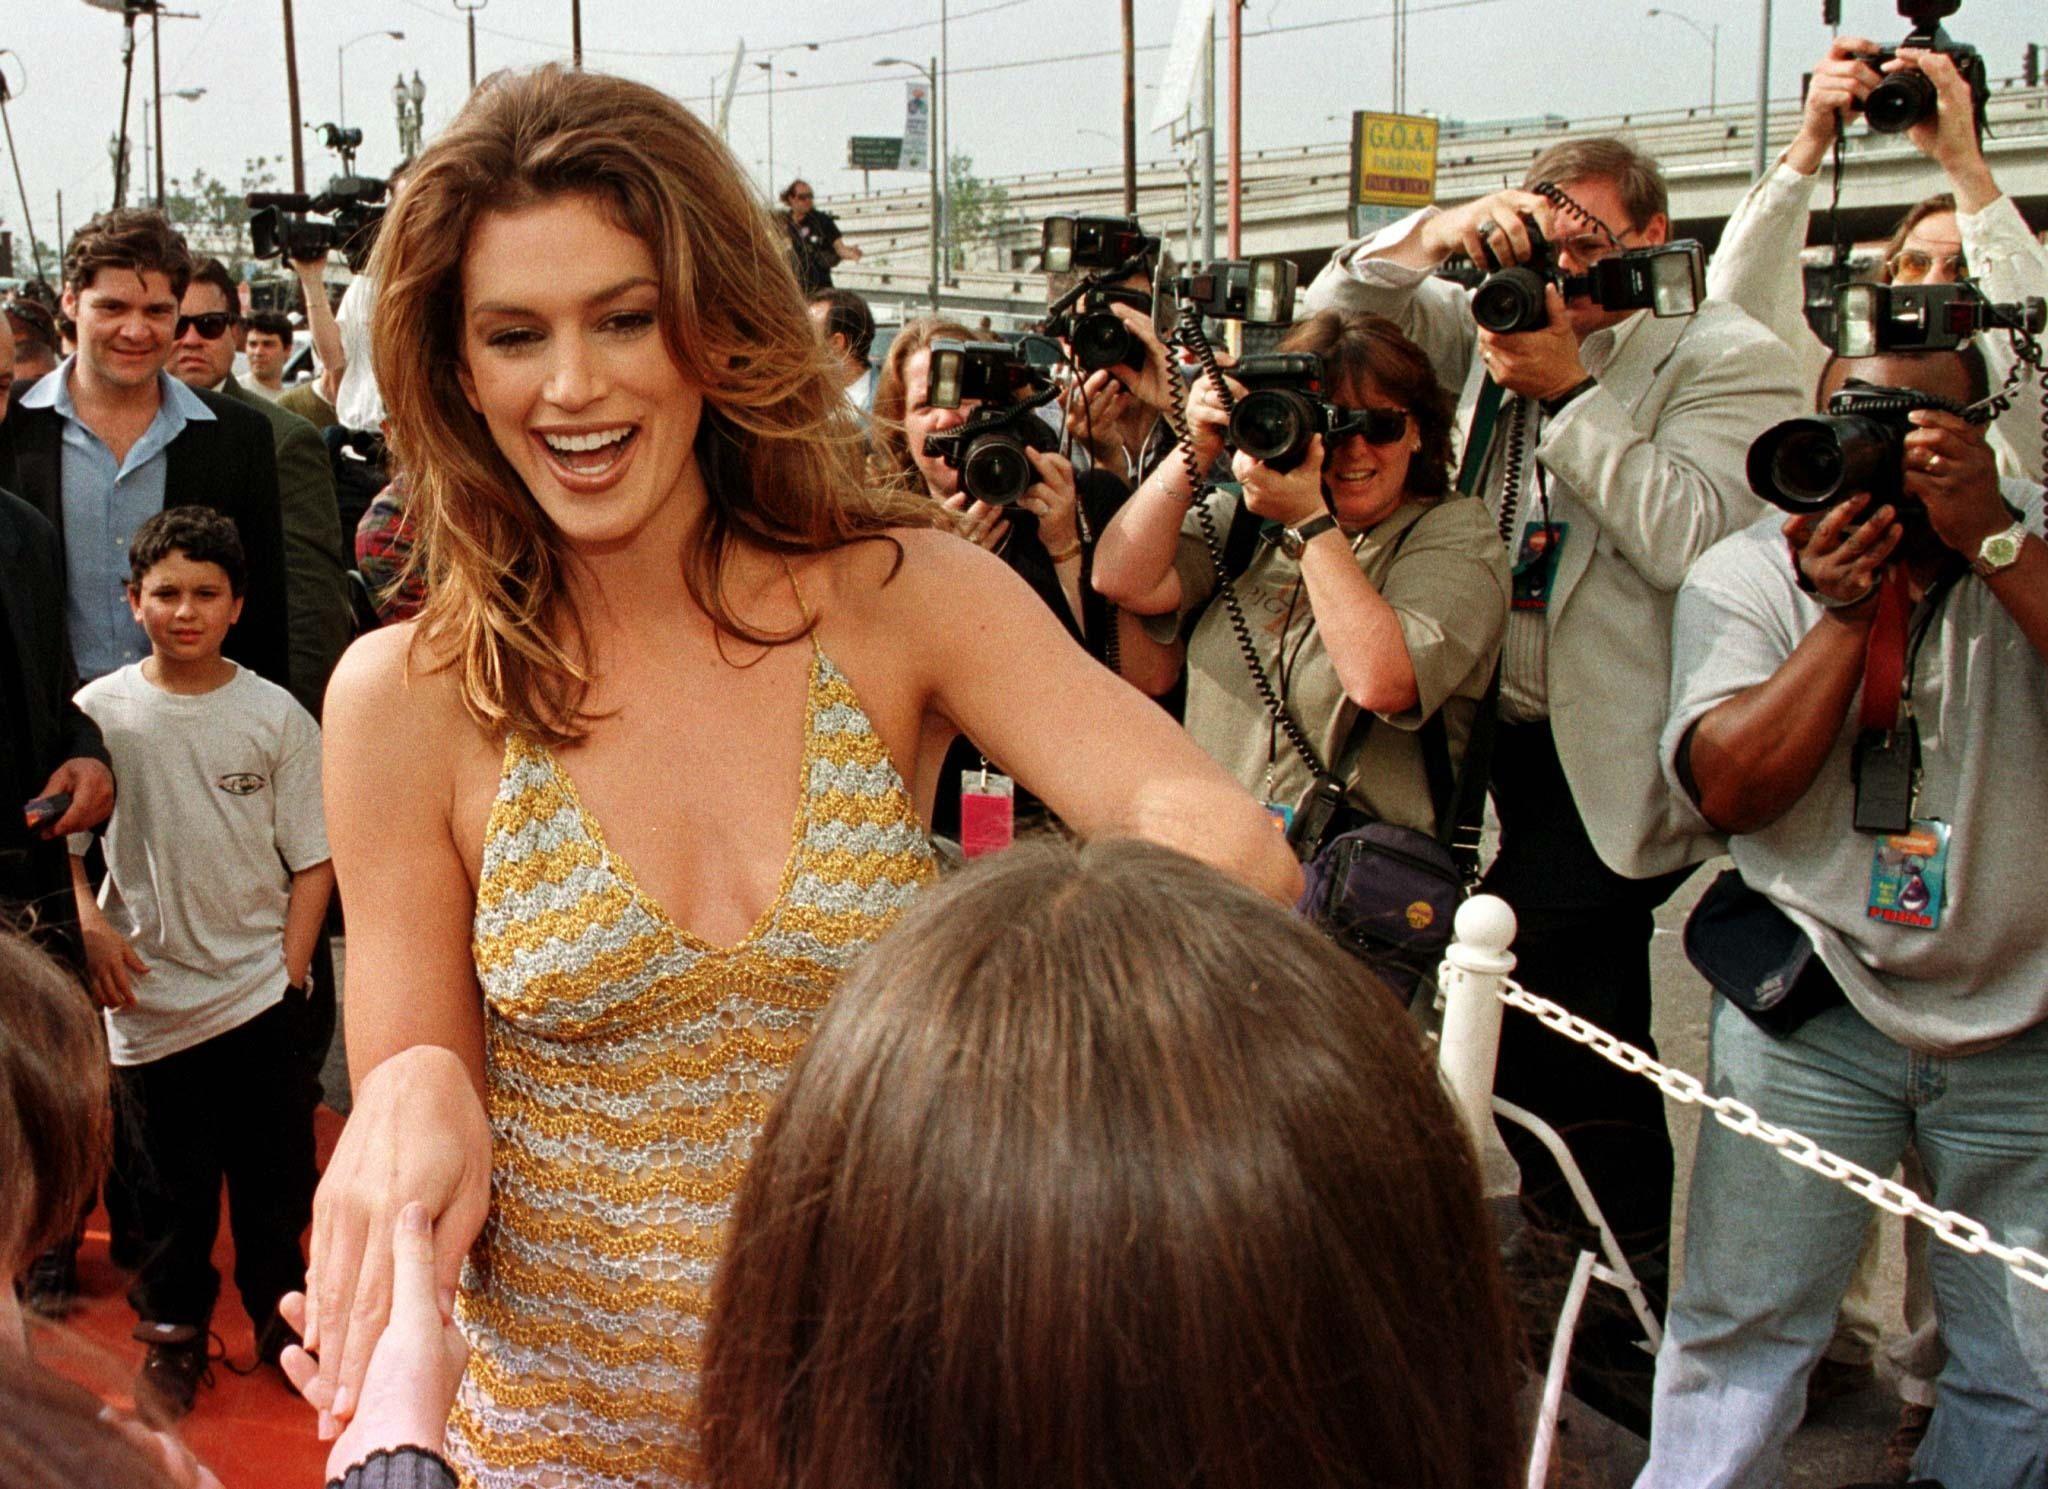 Les top-models correspondent plutôt aux années 1990. Cindy Crawford était une super star...